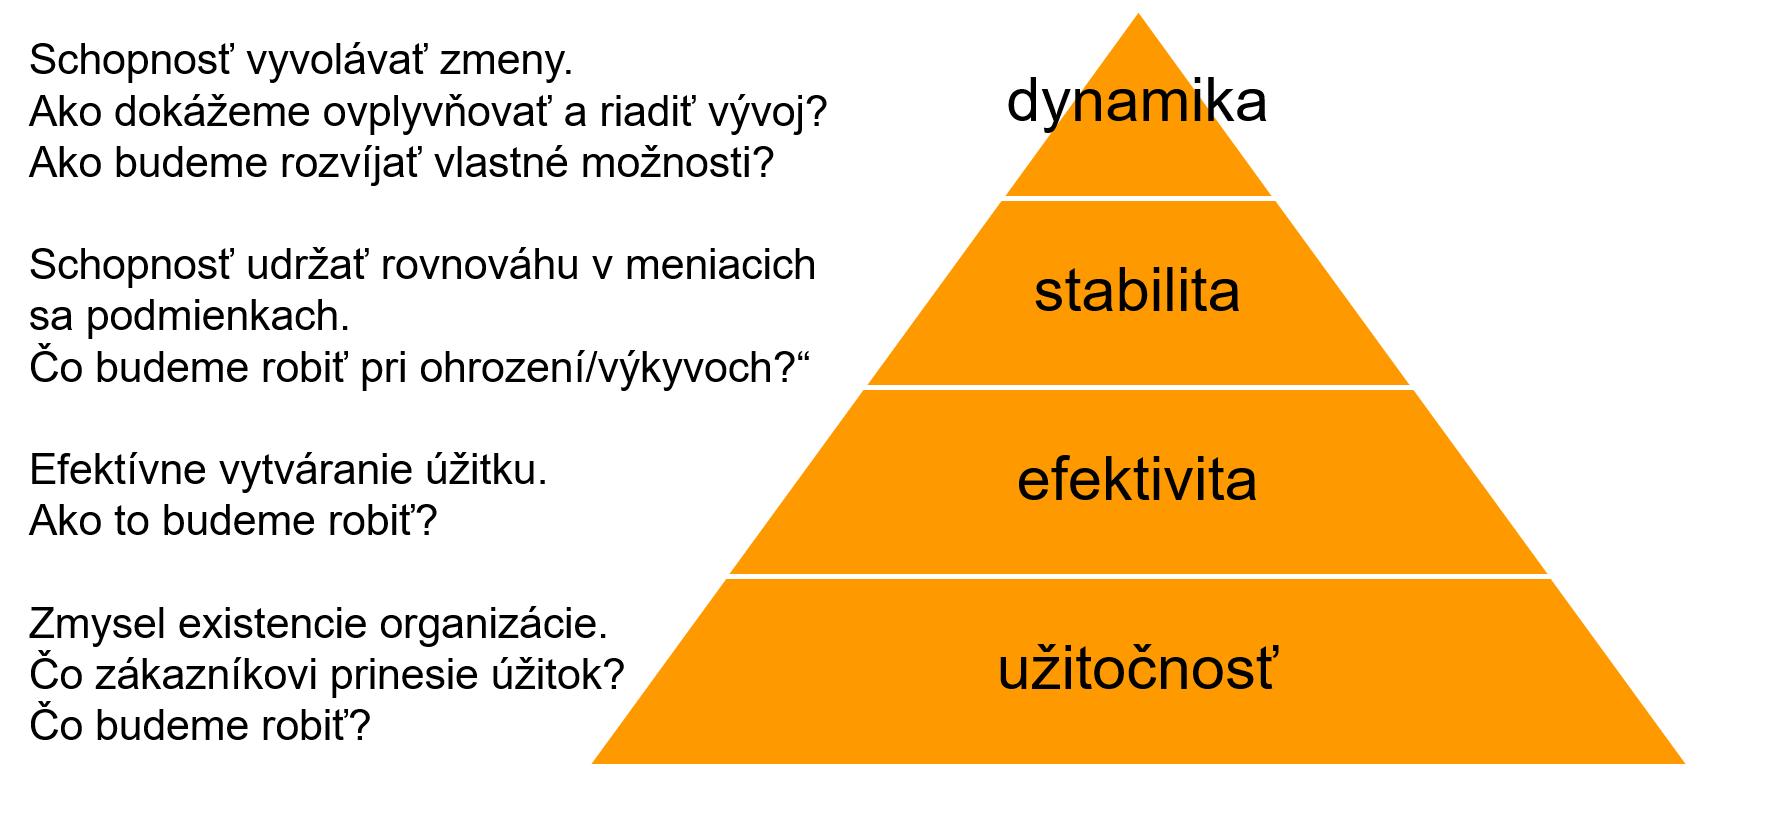 vzdelávanie projektových manažérov pyramída vitality 2